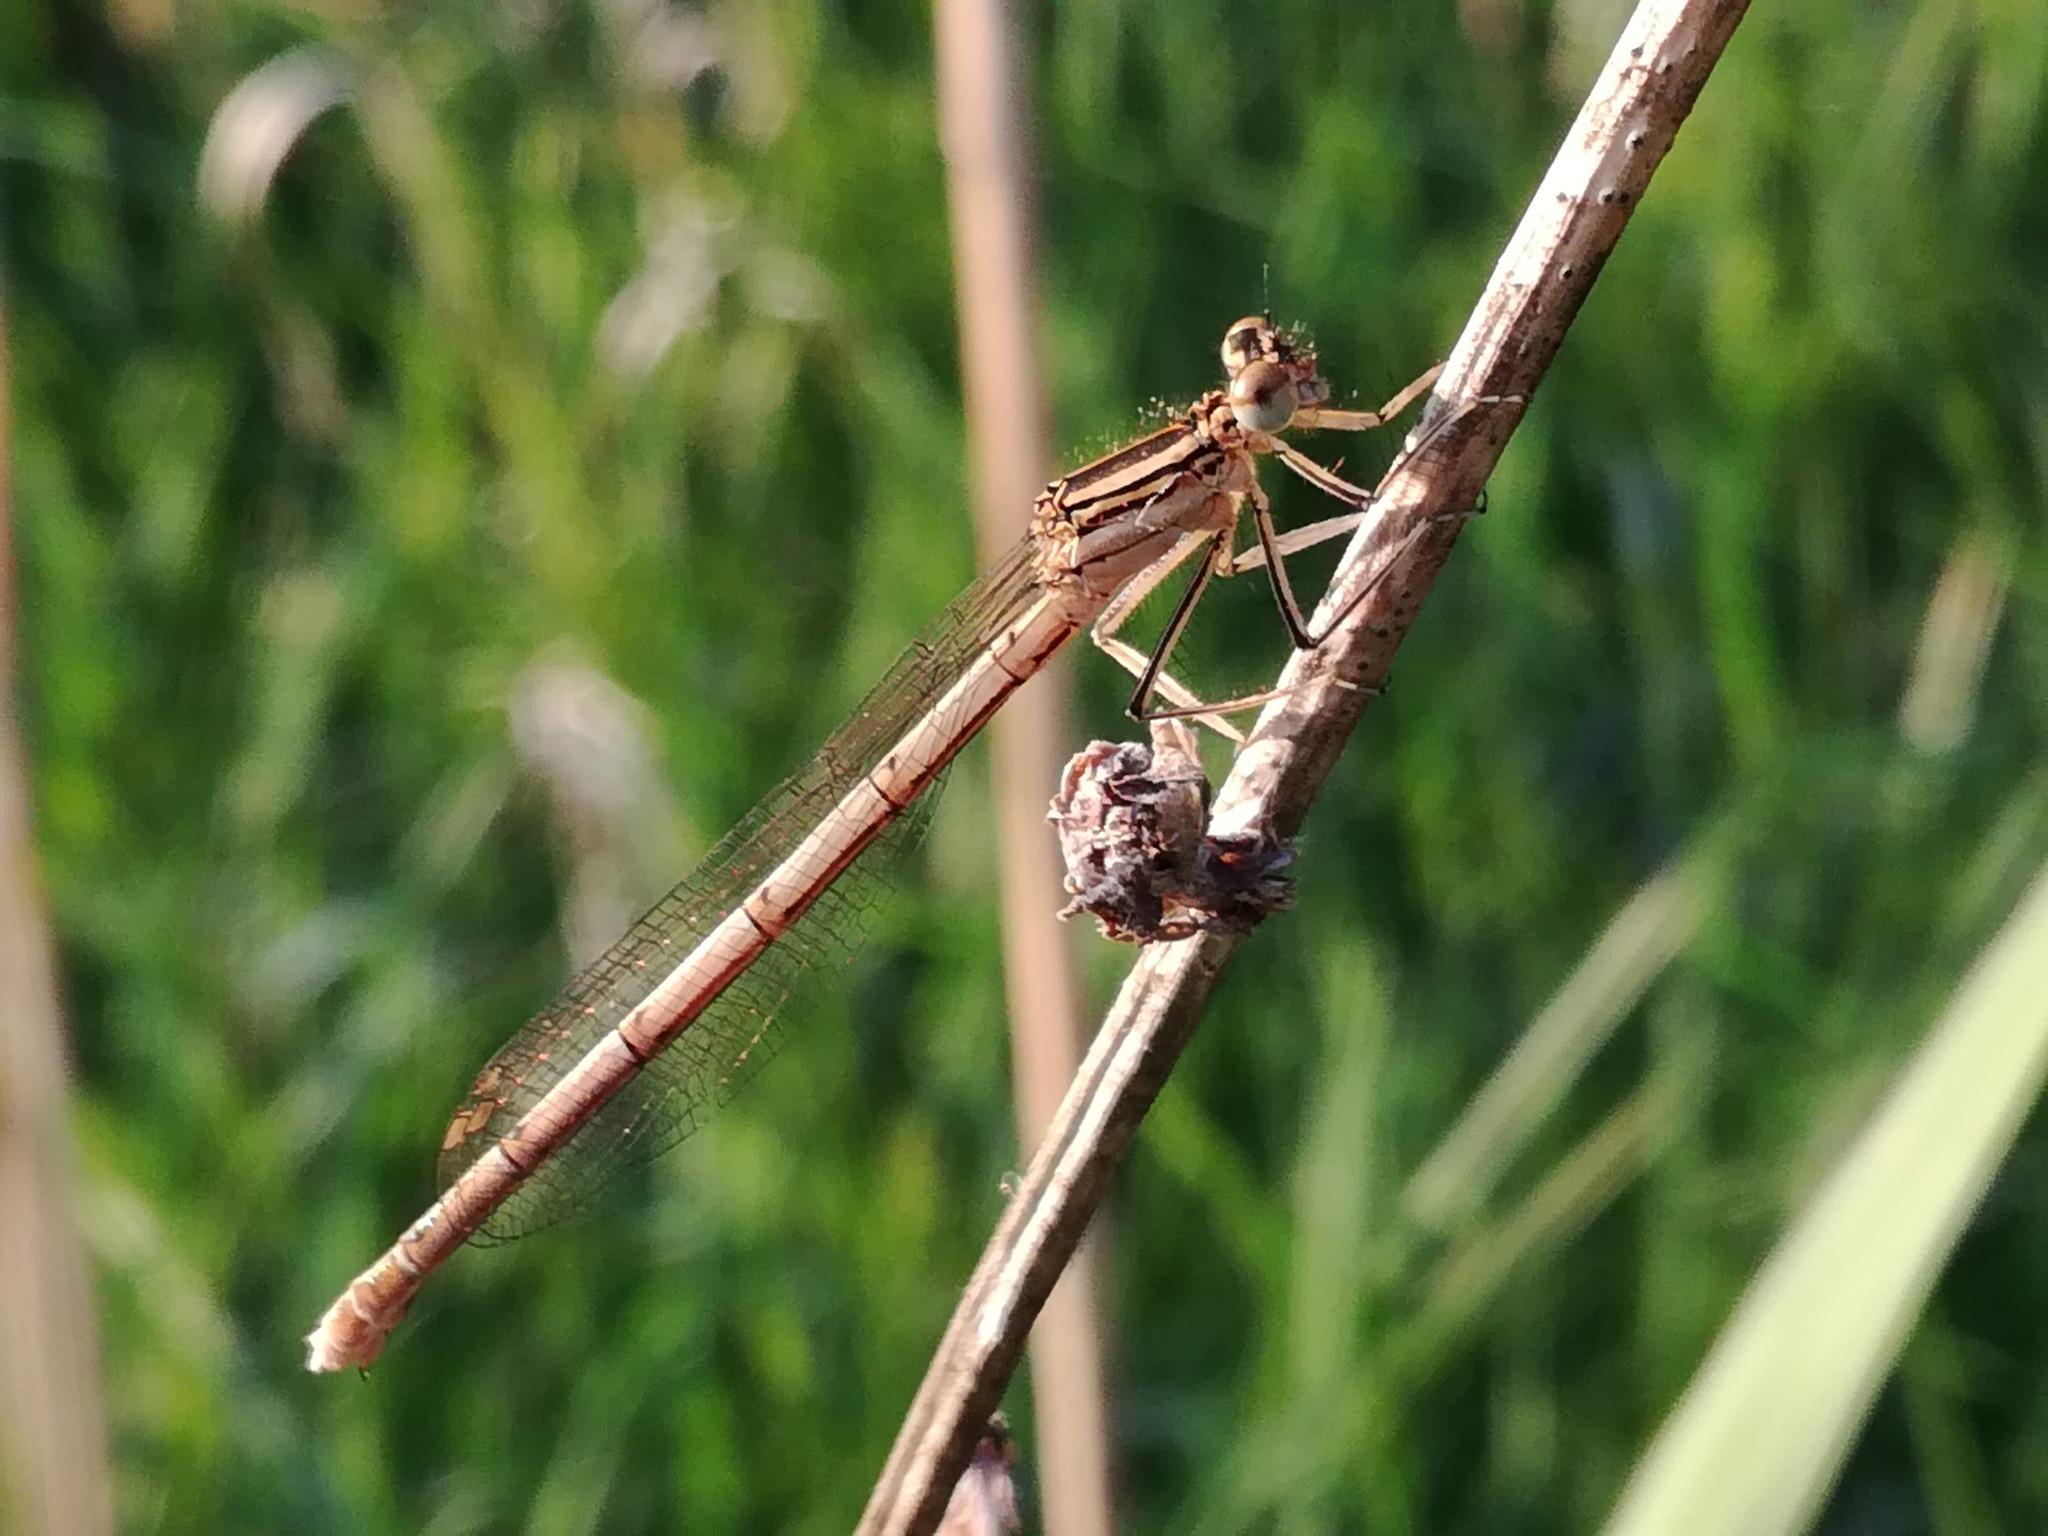 Dragonfly by uzkuraitiene62